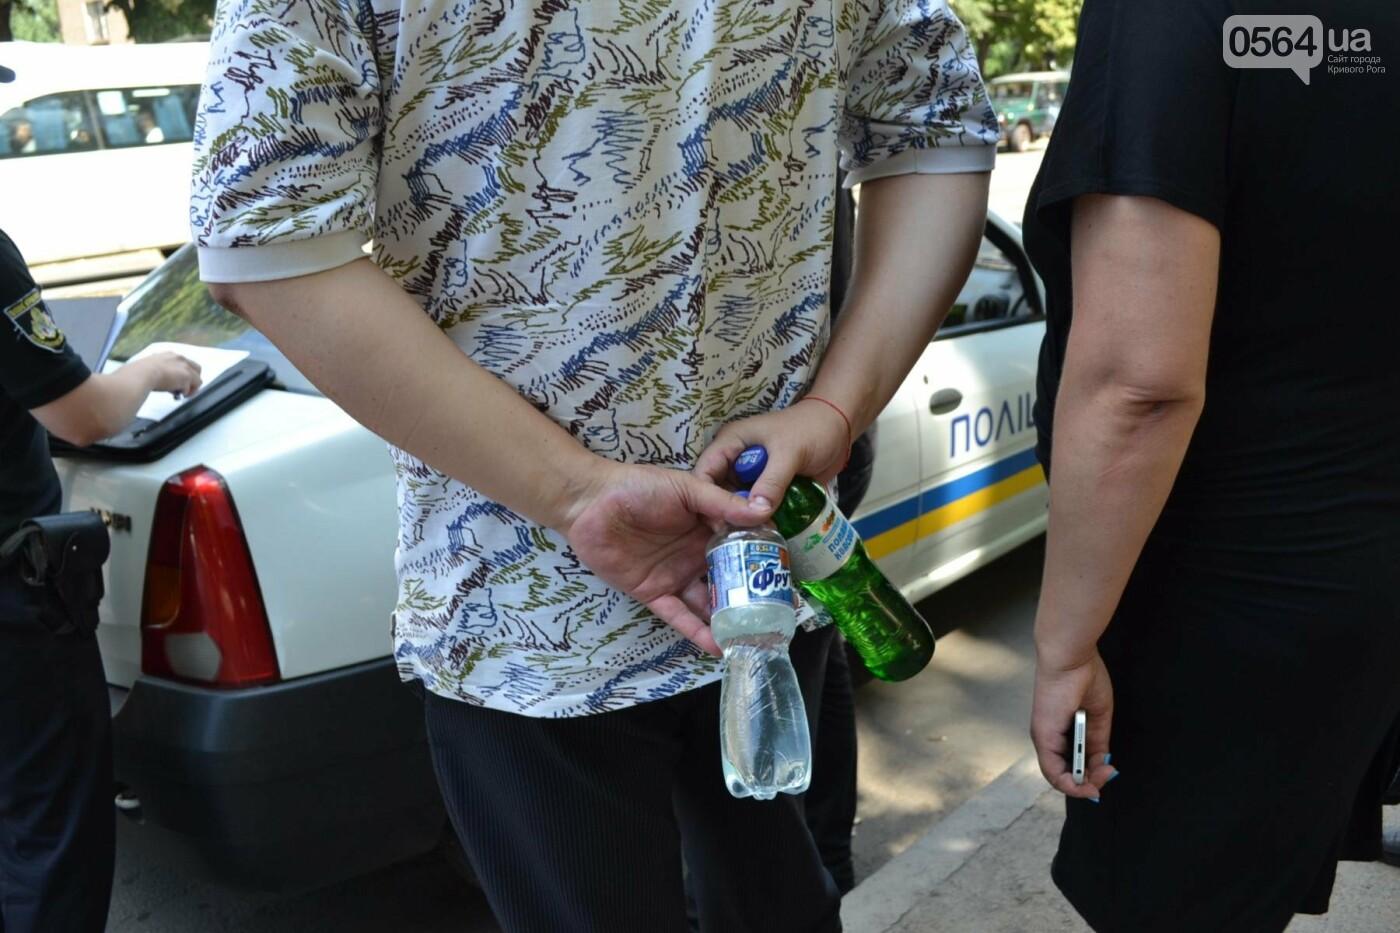 """В Кривом Роге активисты обнаружили очередную """"наливайку"""", а полицейский назвал это """"фигней"""", - ФОТО, ВИДЕО, фото-14"""